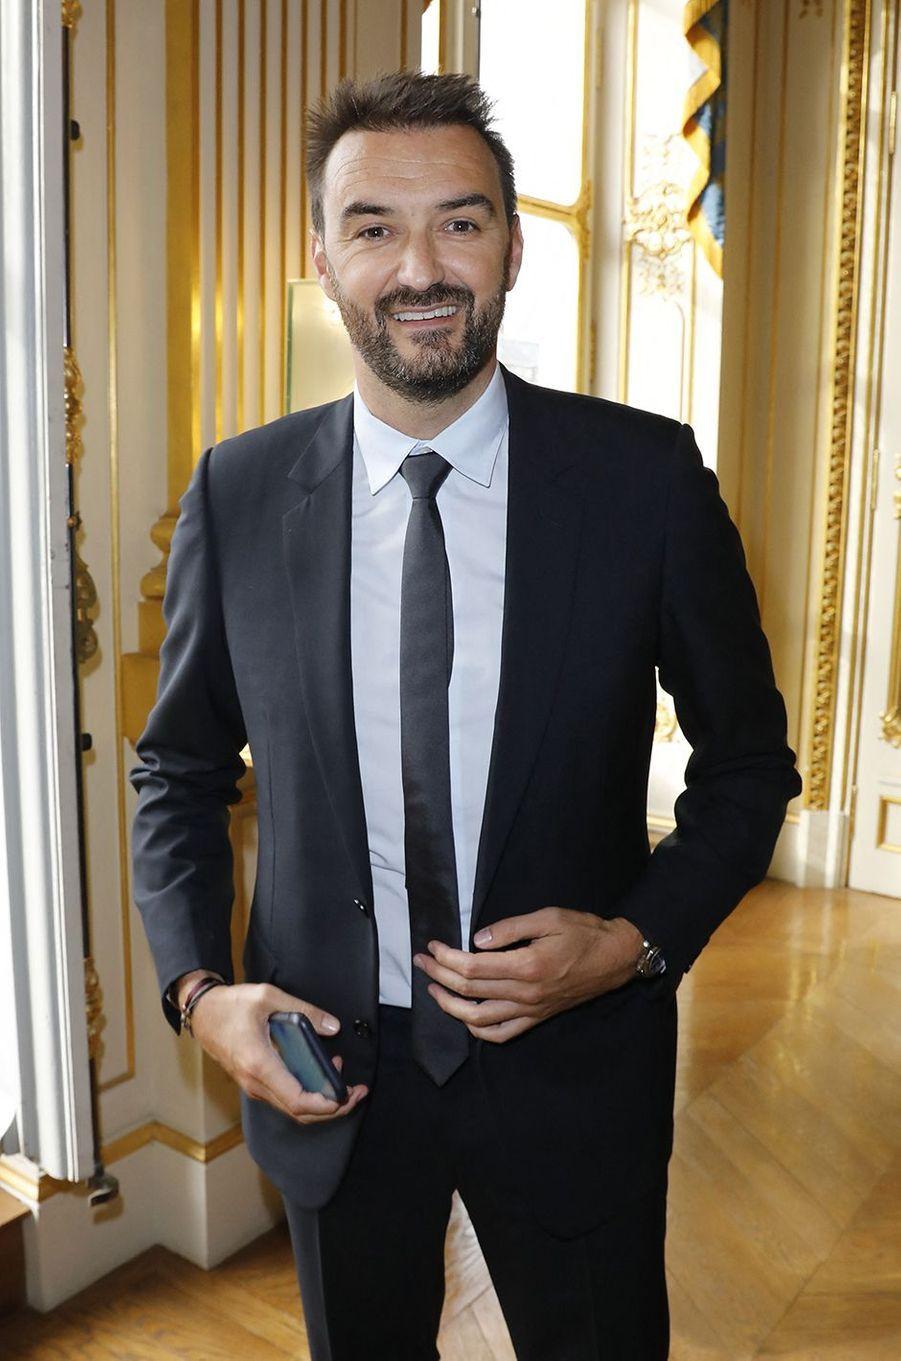 Tendances France : Cyril Lignac est en première position dans le Top 10 des célébrités les plus recherchées sur Google en 2020